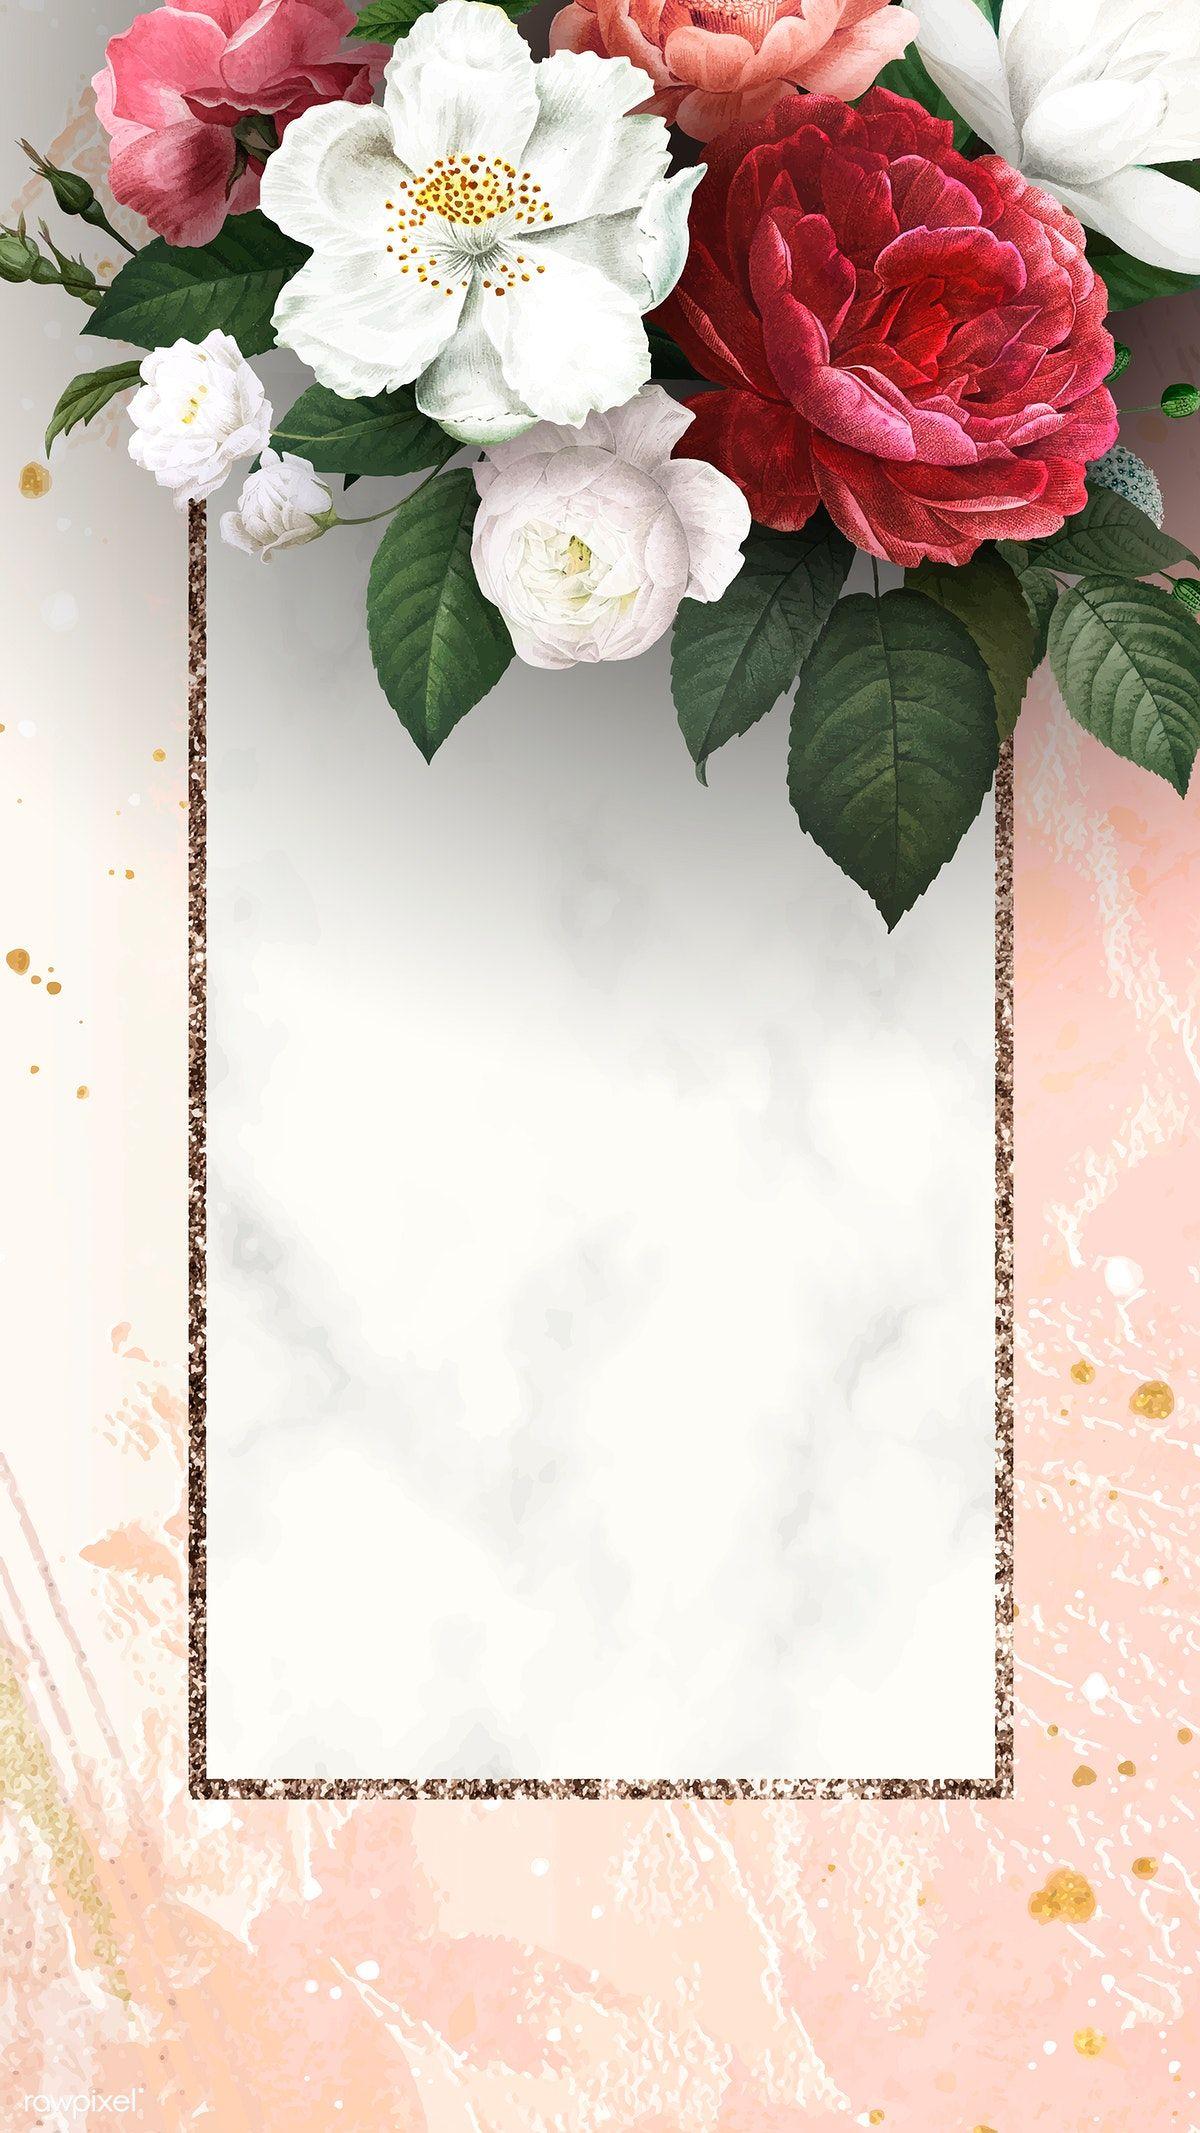 961 Best Flower Frame Images In 2020 Flower Frame Borders